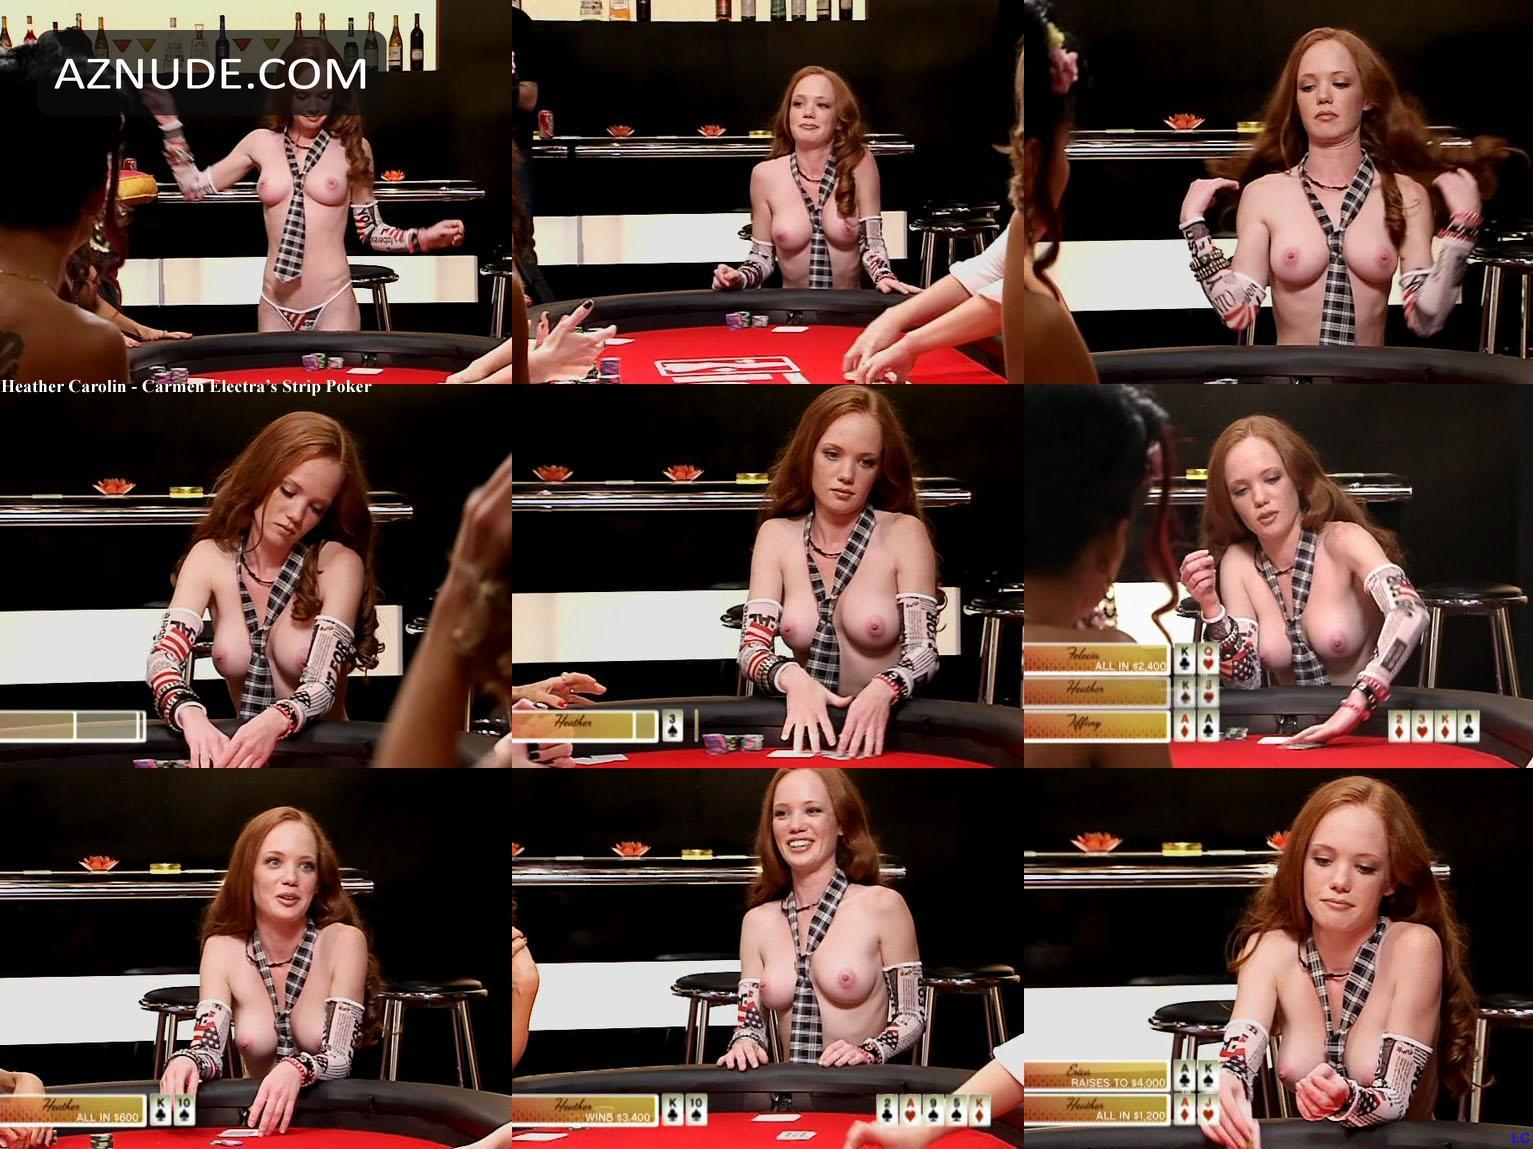 Her Naked poker